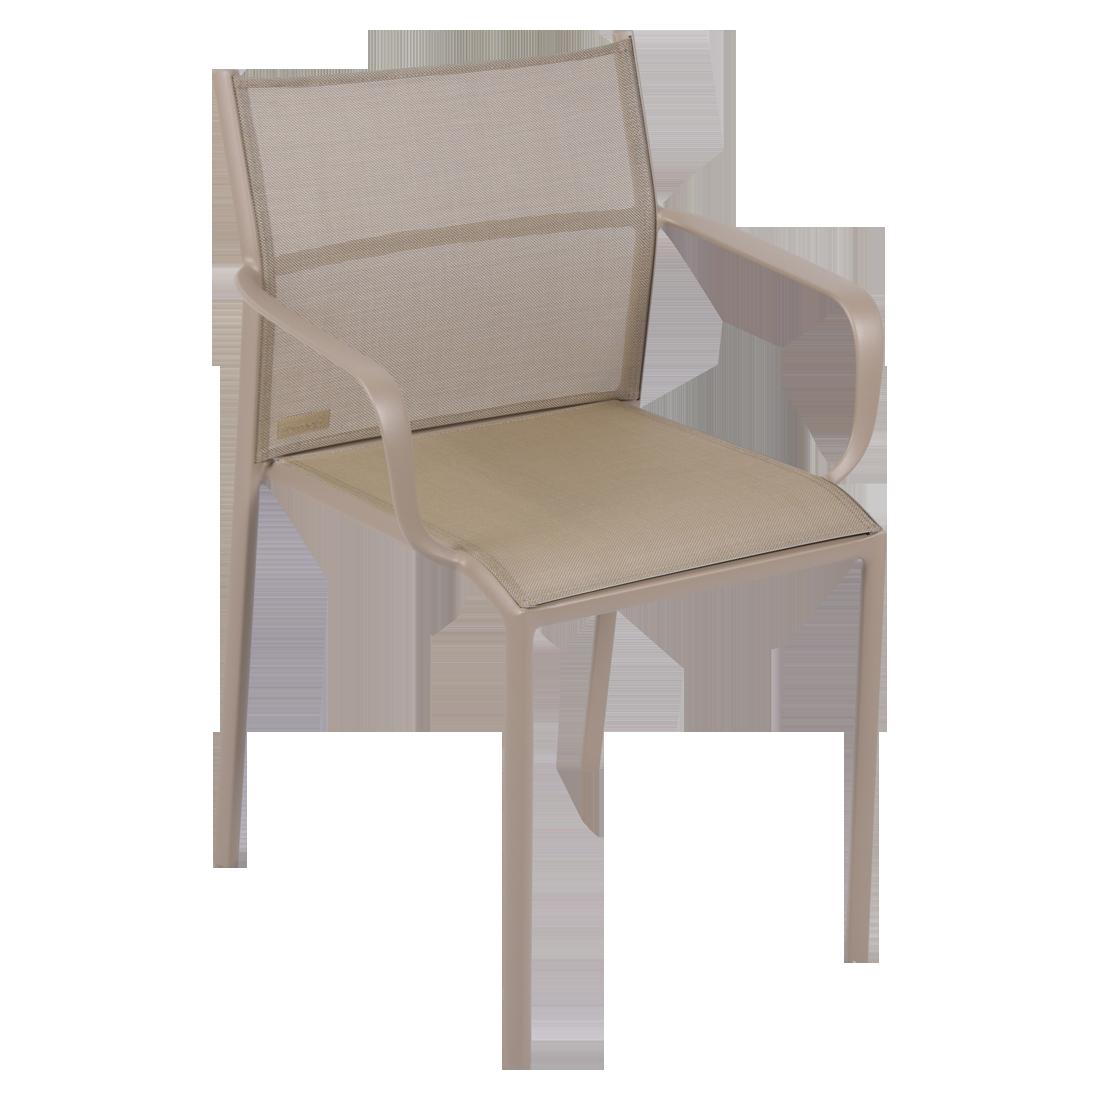 chaise bridge de jardin, chaise bridge en métal et toile muscade